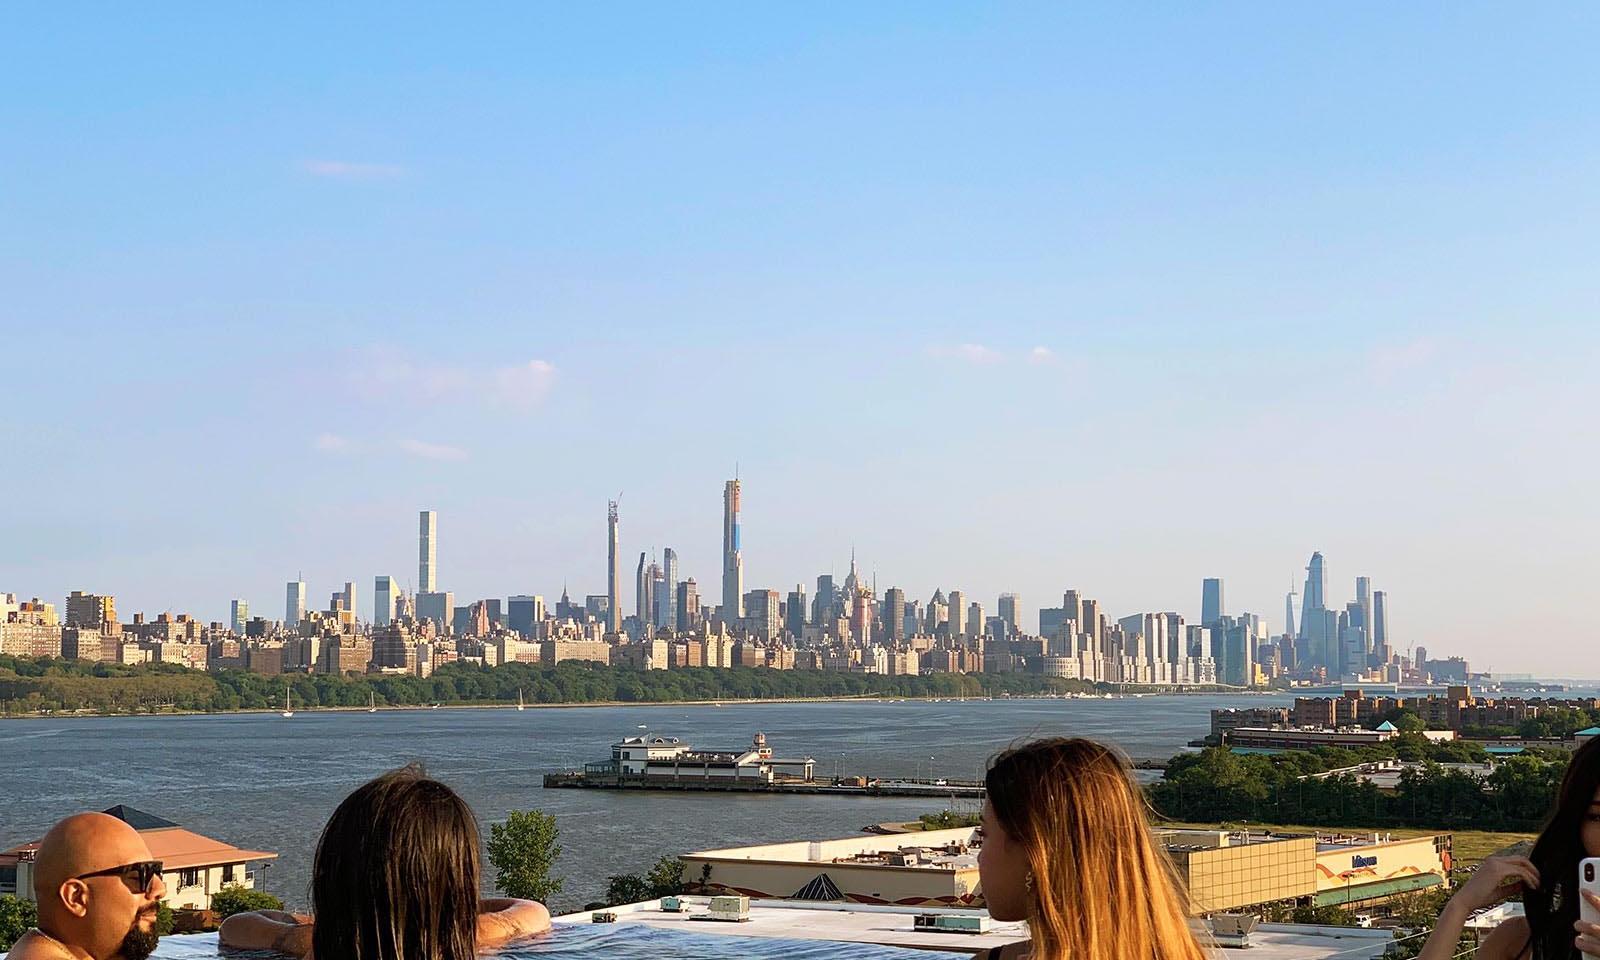 Infinity pool overlooking NYC